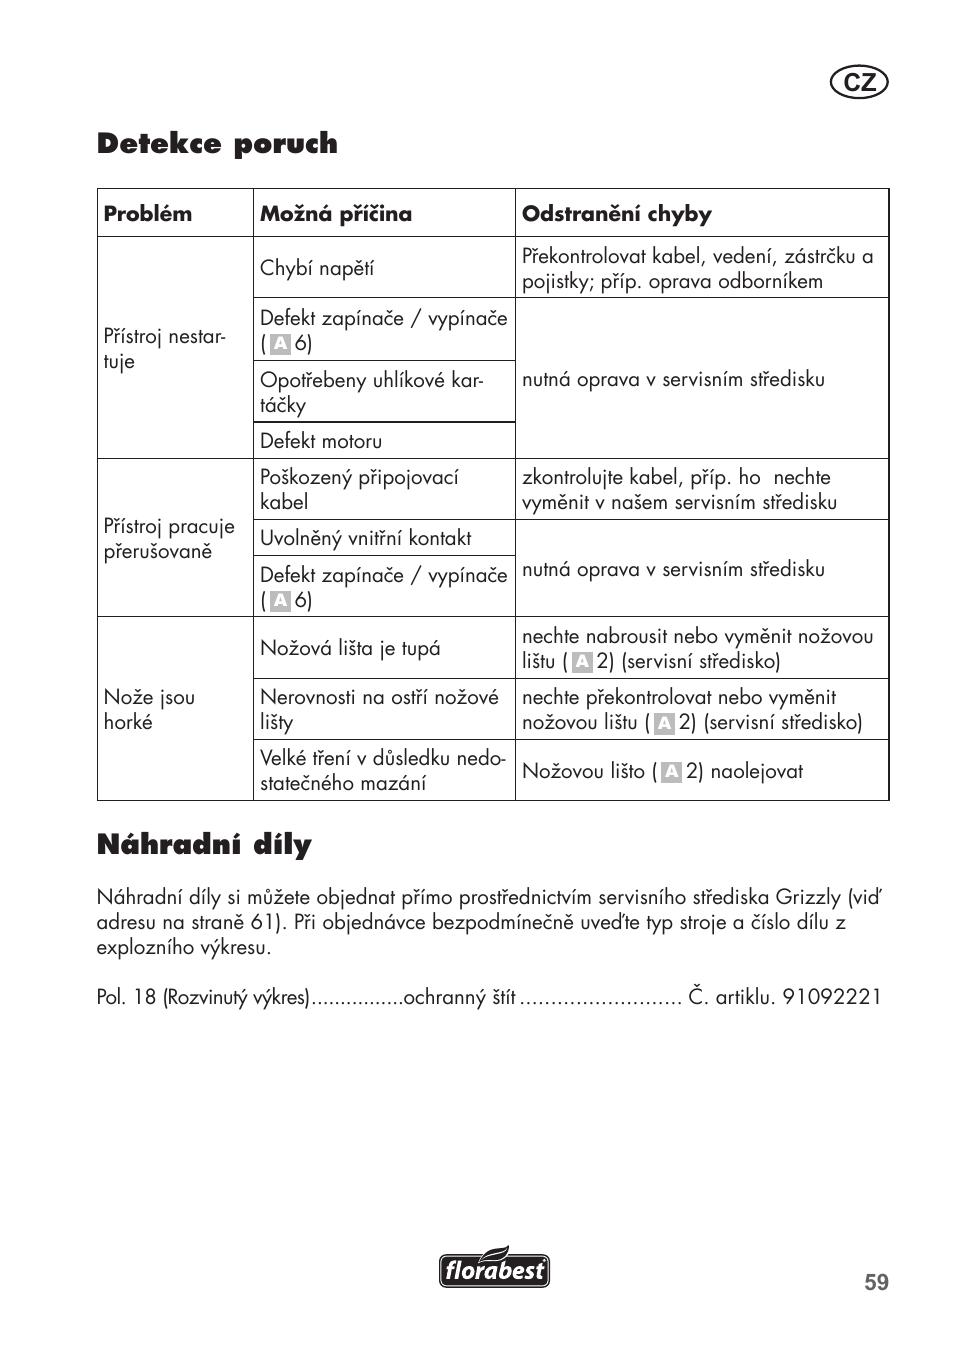 Detekce Poruch Nahradni Dily Florabest Fht 600 B2 User Manual